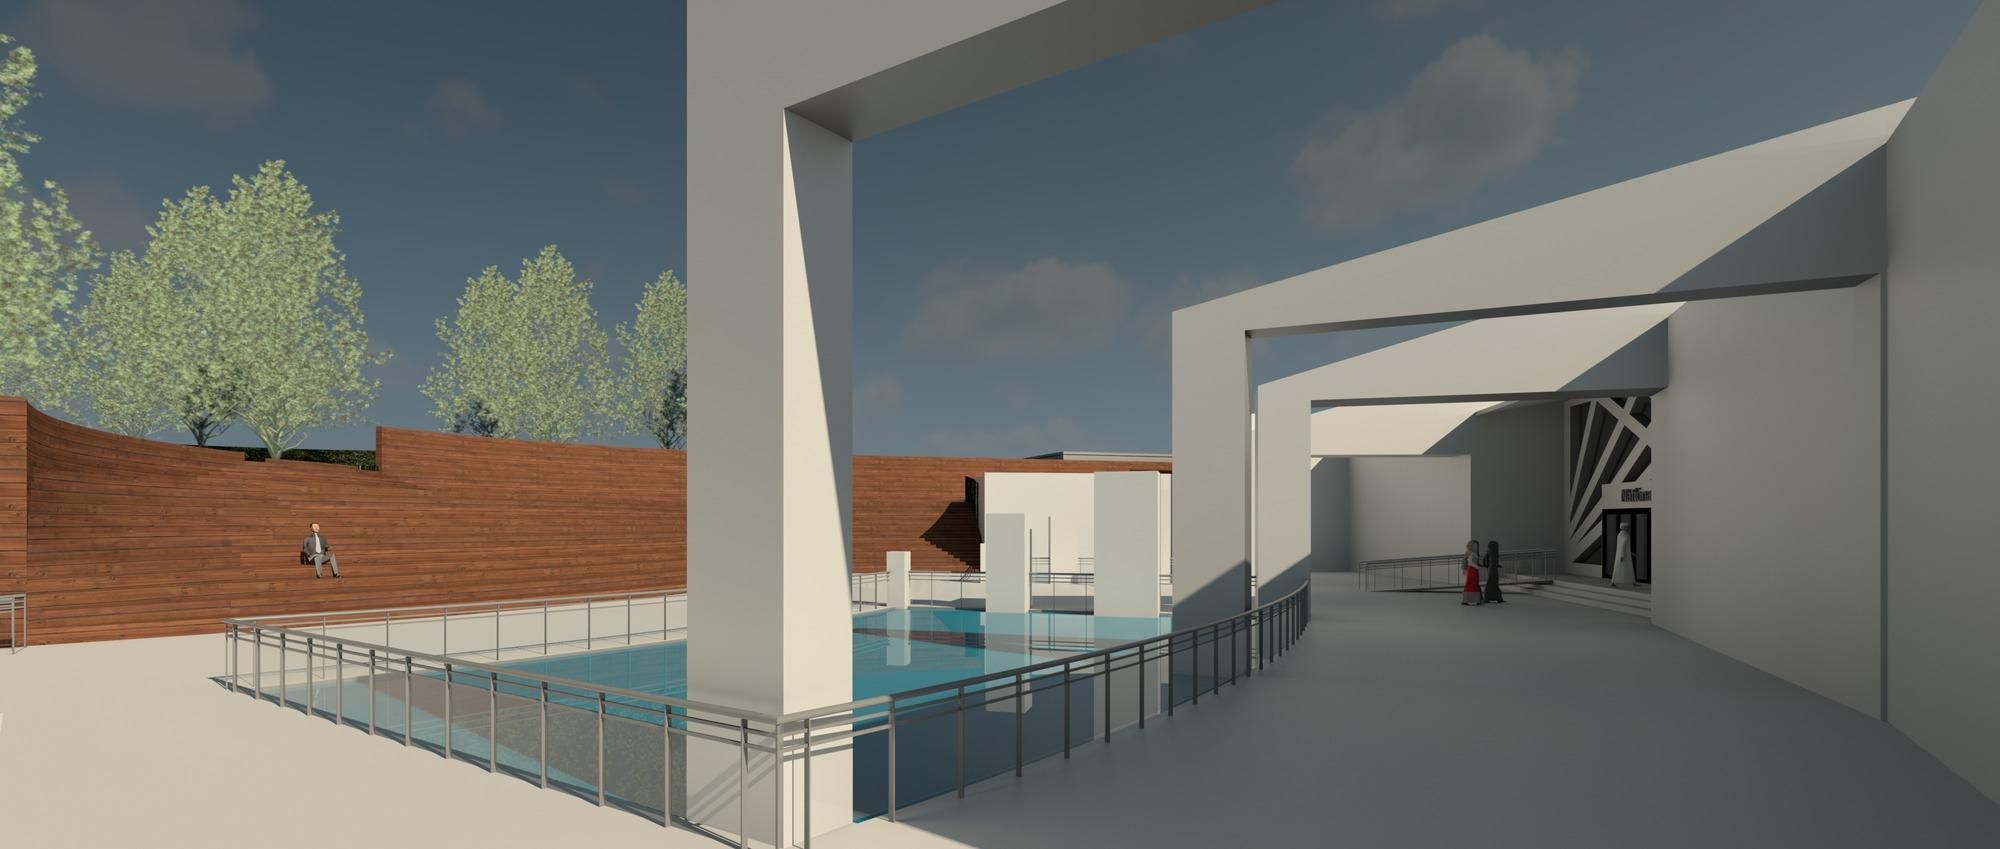 Raas-rendering20141103-3241-p6dgbm